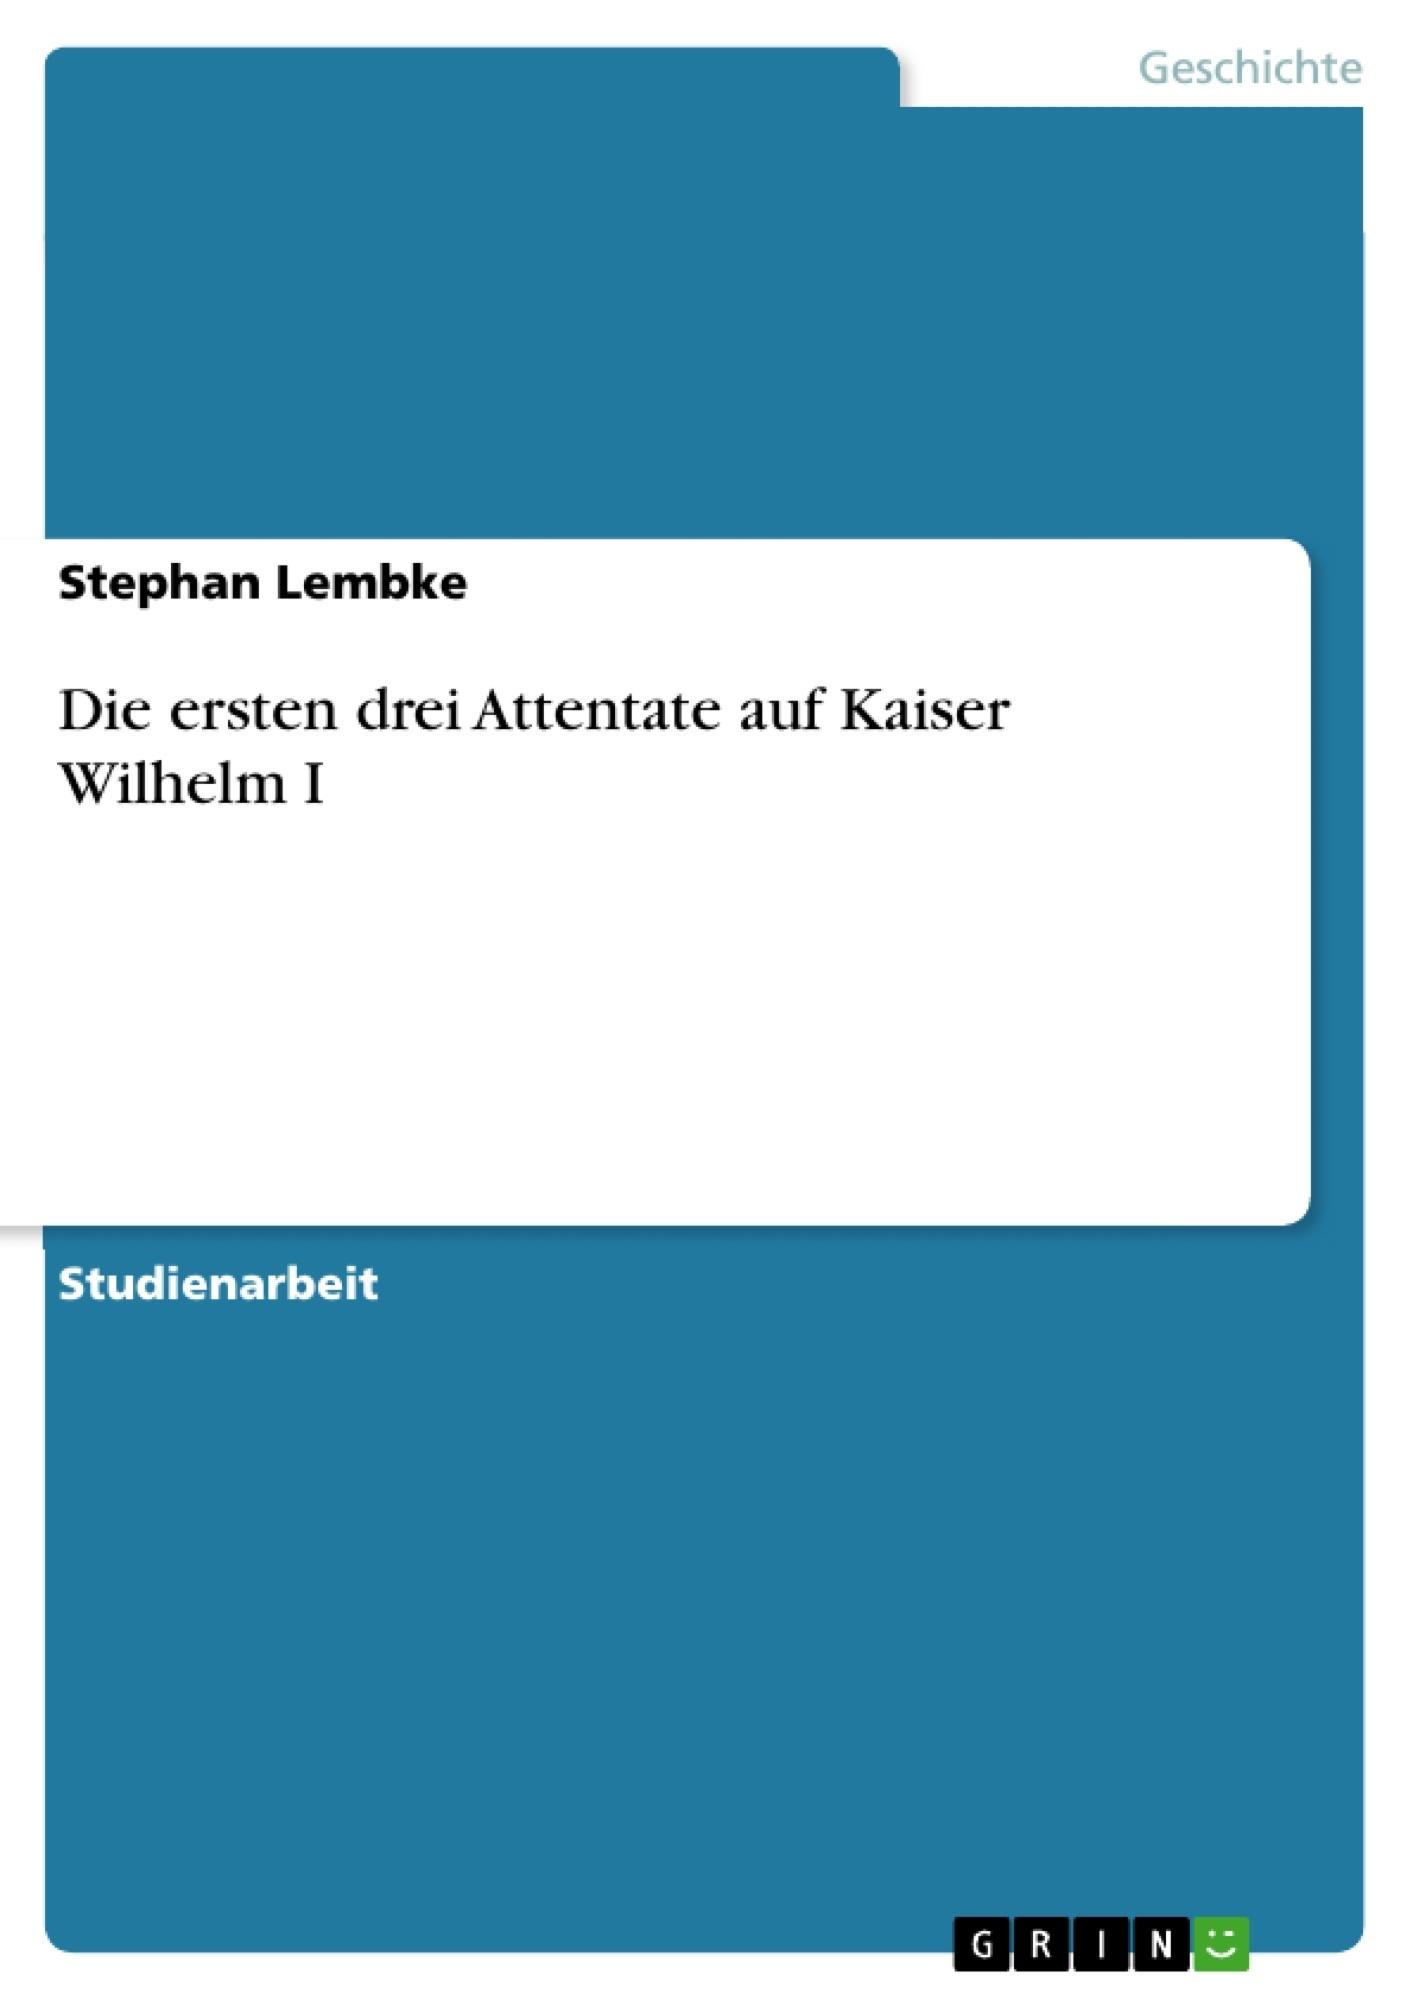 Titel: Die ersten drei Attentate auf Kaiser Wilhelm I